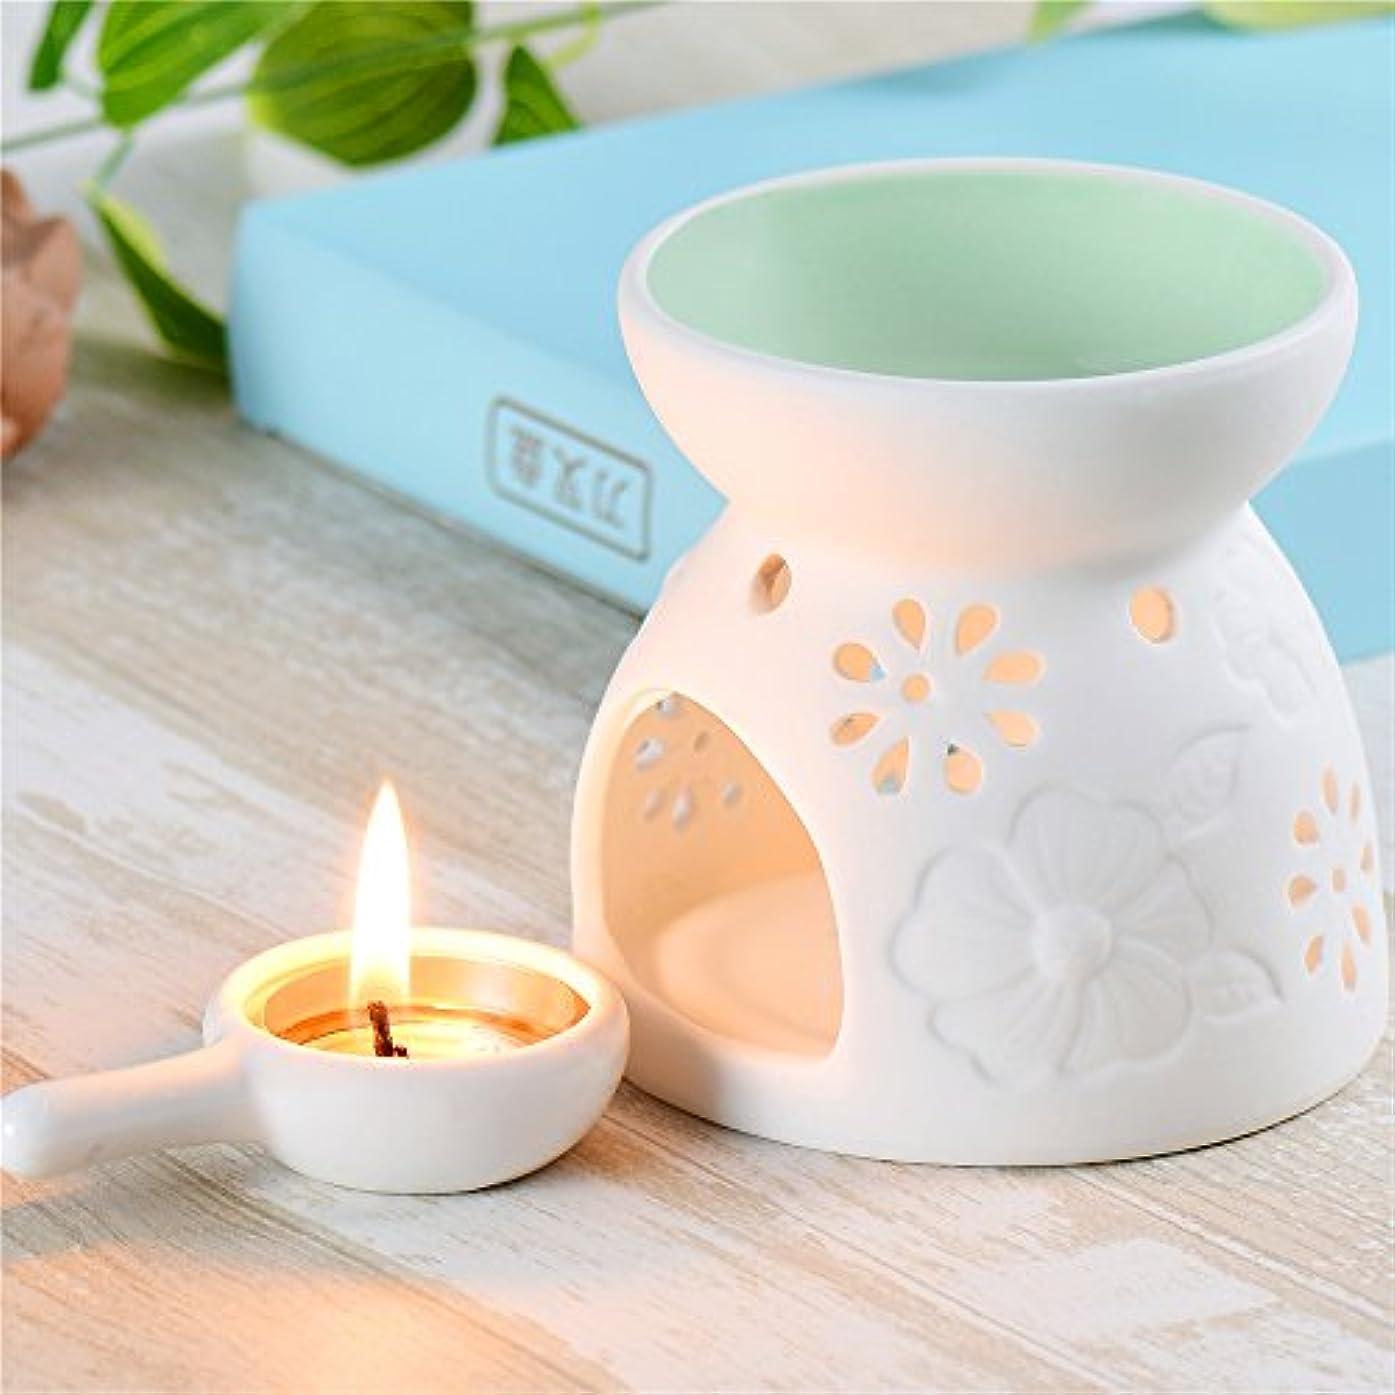 立法植物学ランタンセラミックEssential Oil Warmer : Great for瞑想、アロマセラピー – Fragrance Diffuser使用with Tea Lights – Ideal For Wedding Gifts...